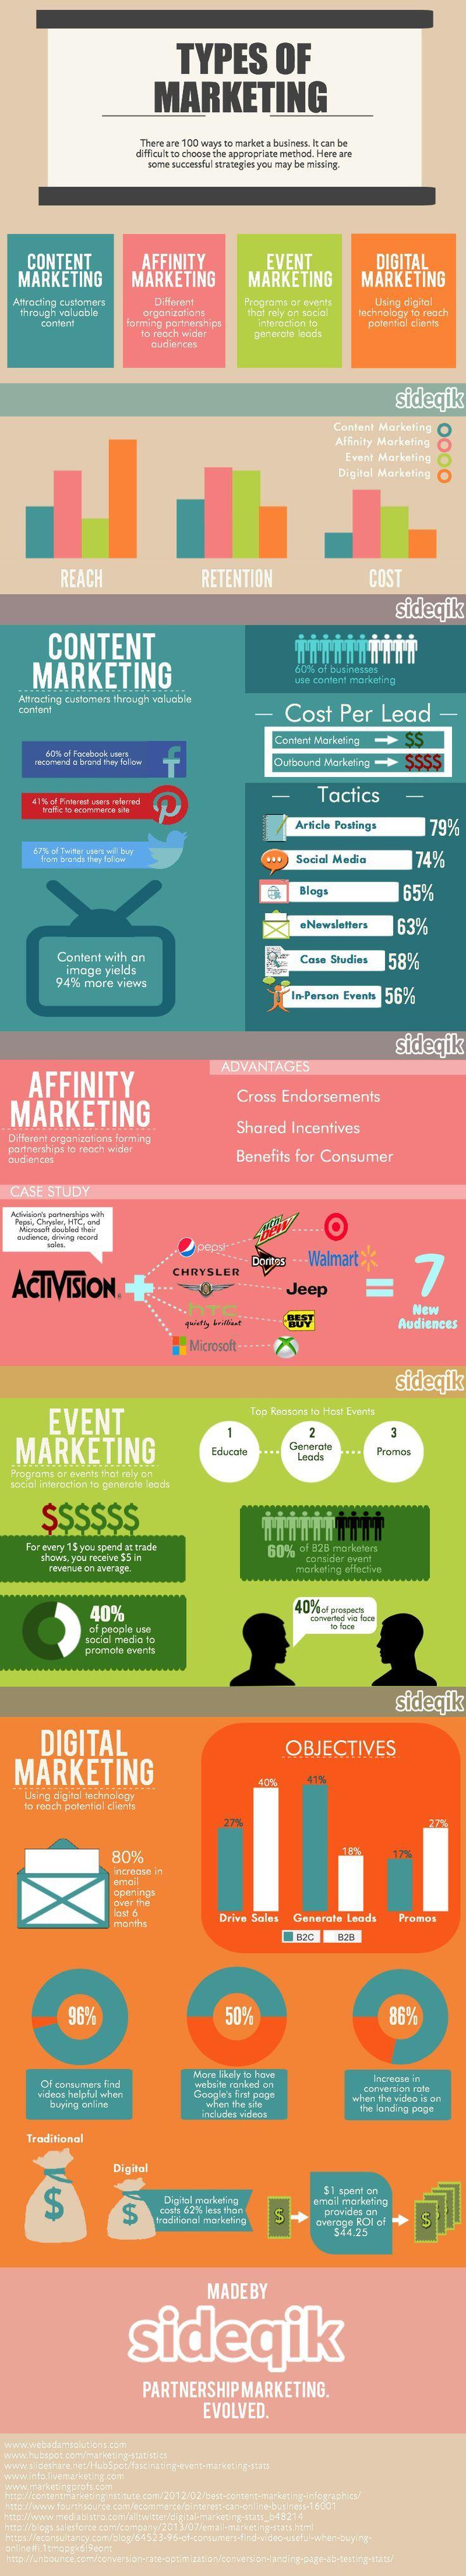 Sie brauchen eine neue Strategie?? Hier finden Sie die verschiedenen Marketingtypen: